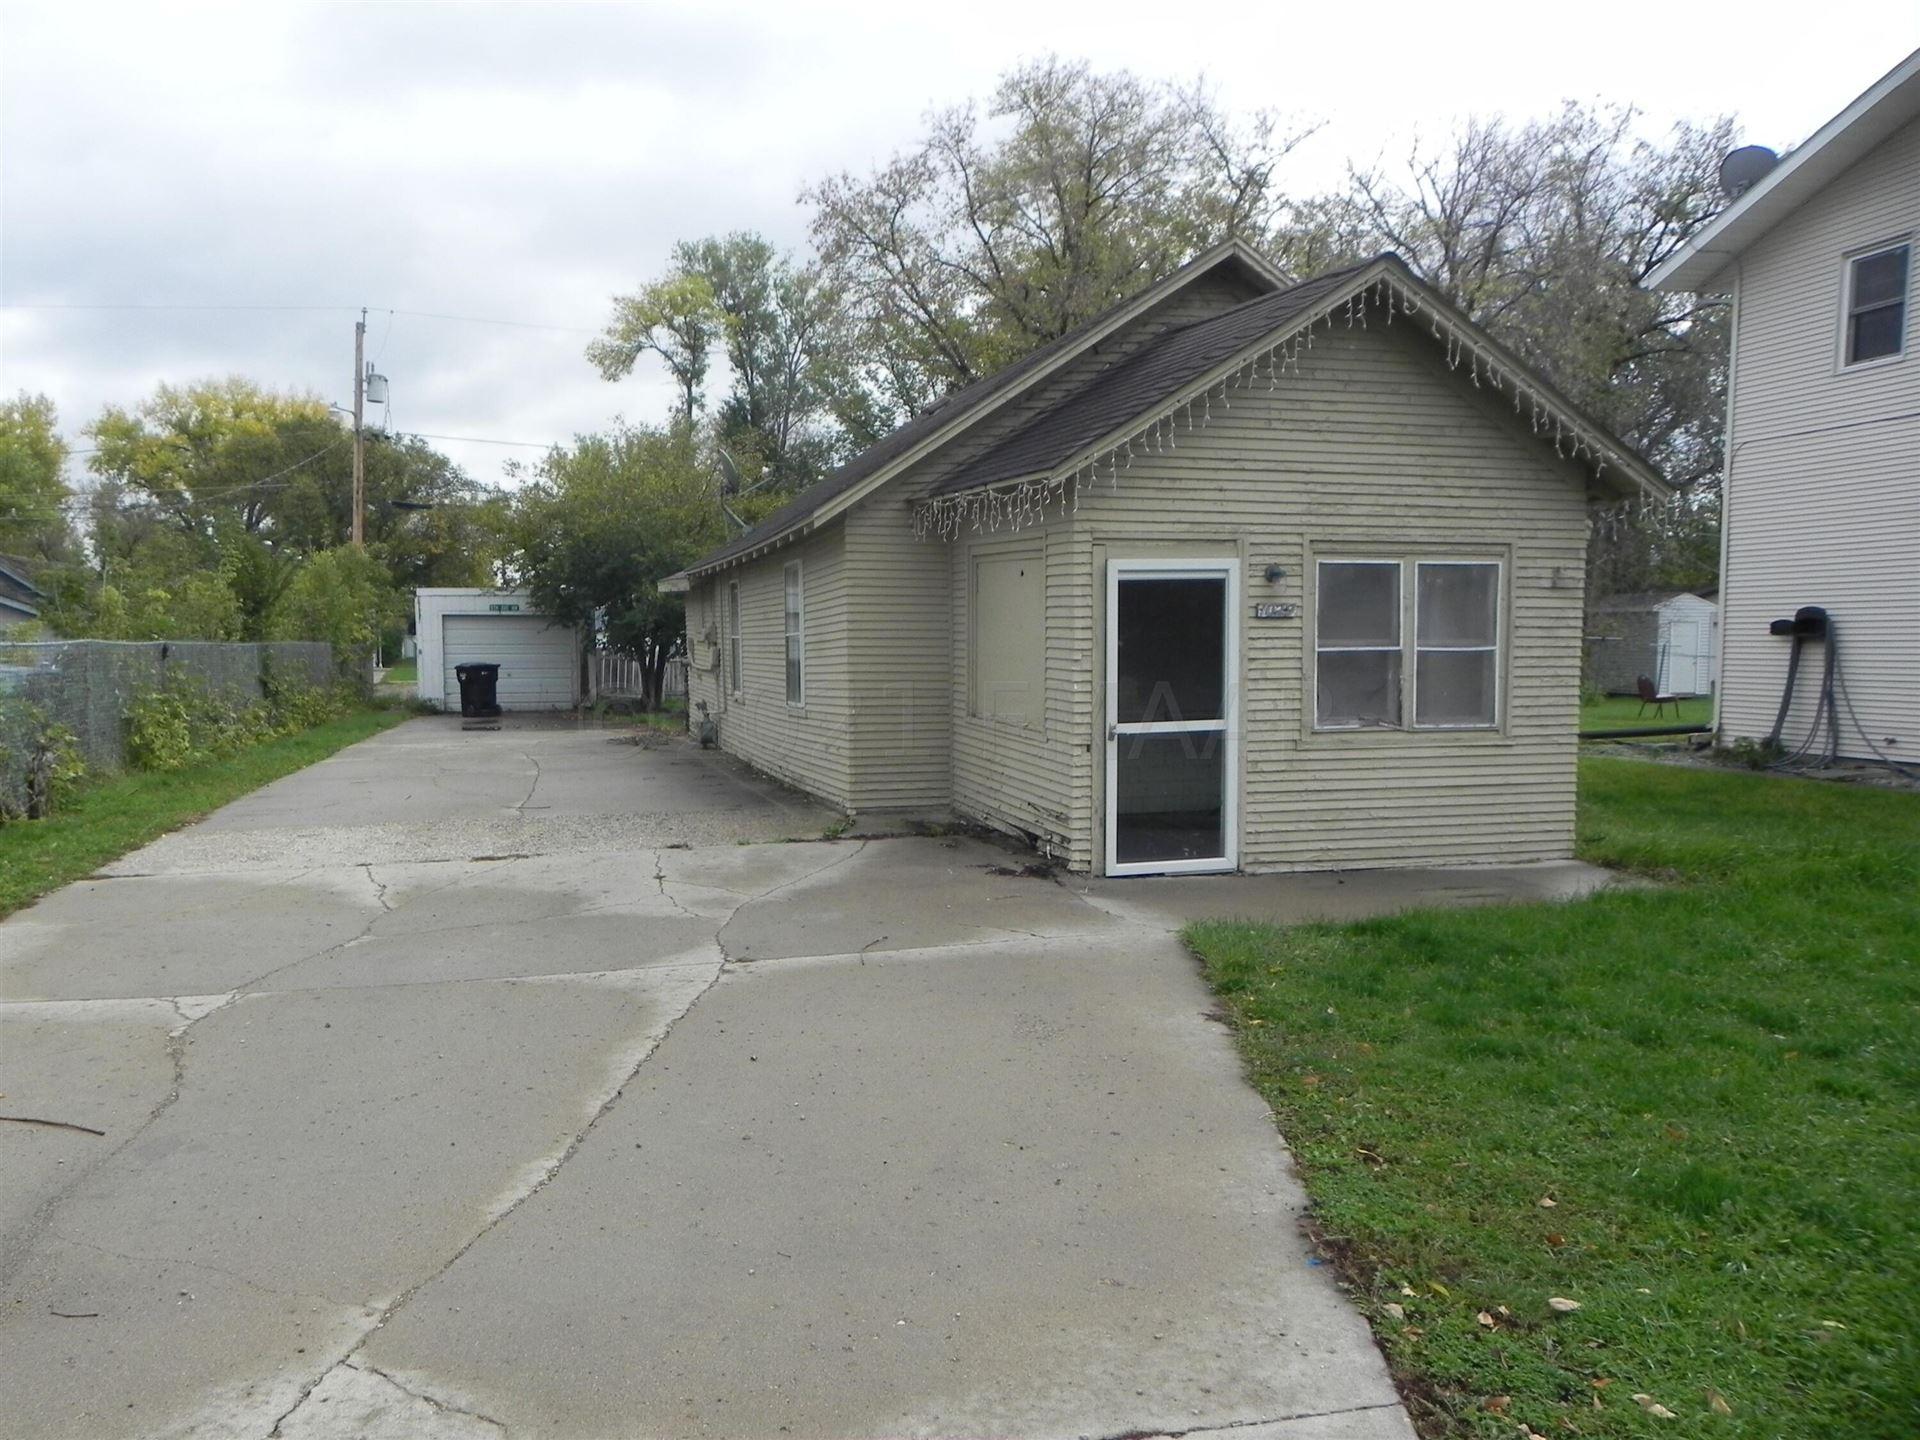 1029 28 Street N, Fargo, ND 58102 - #: 21-5617